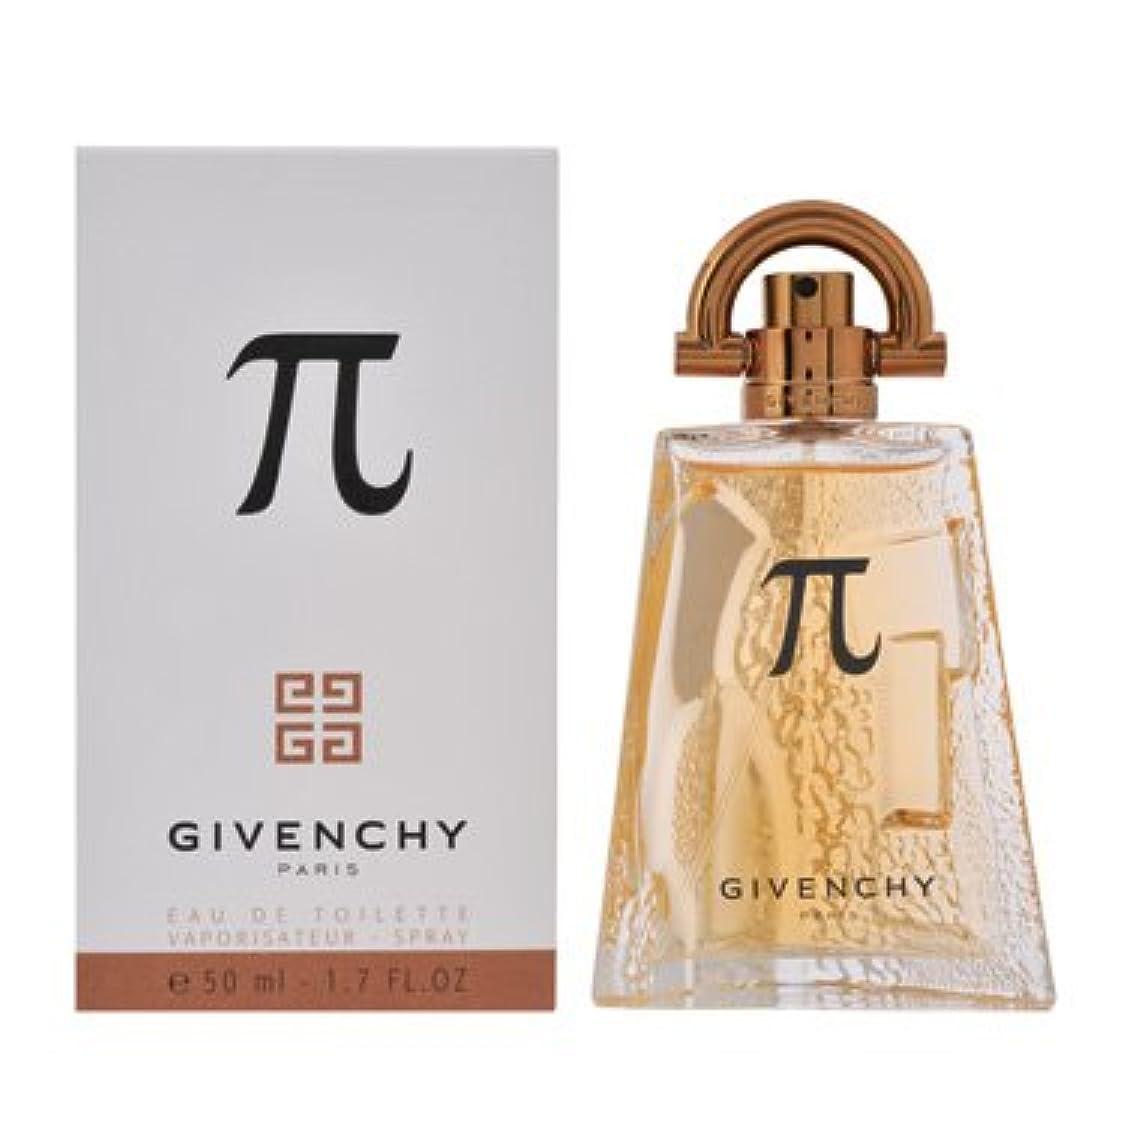 飼料姉妹プラスチックGIVENCHY(ジバンシイ) GIVENCHY ジバンシイ パイ EDT/50mL3274878222551 香水 フレグランス 香水?フレグランス